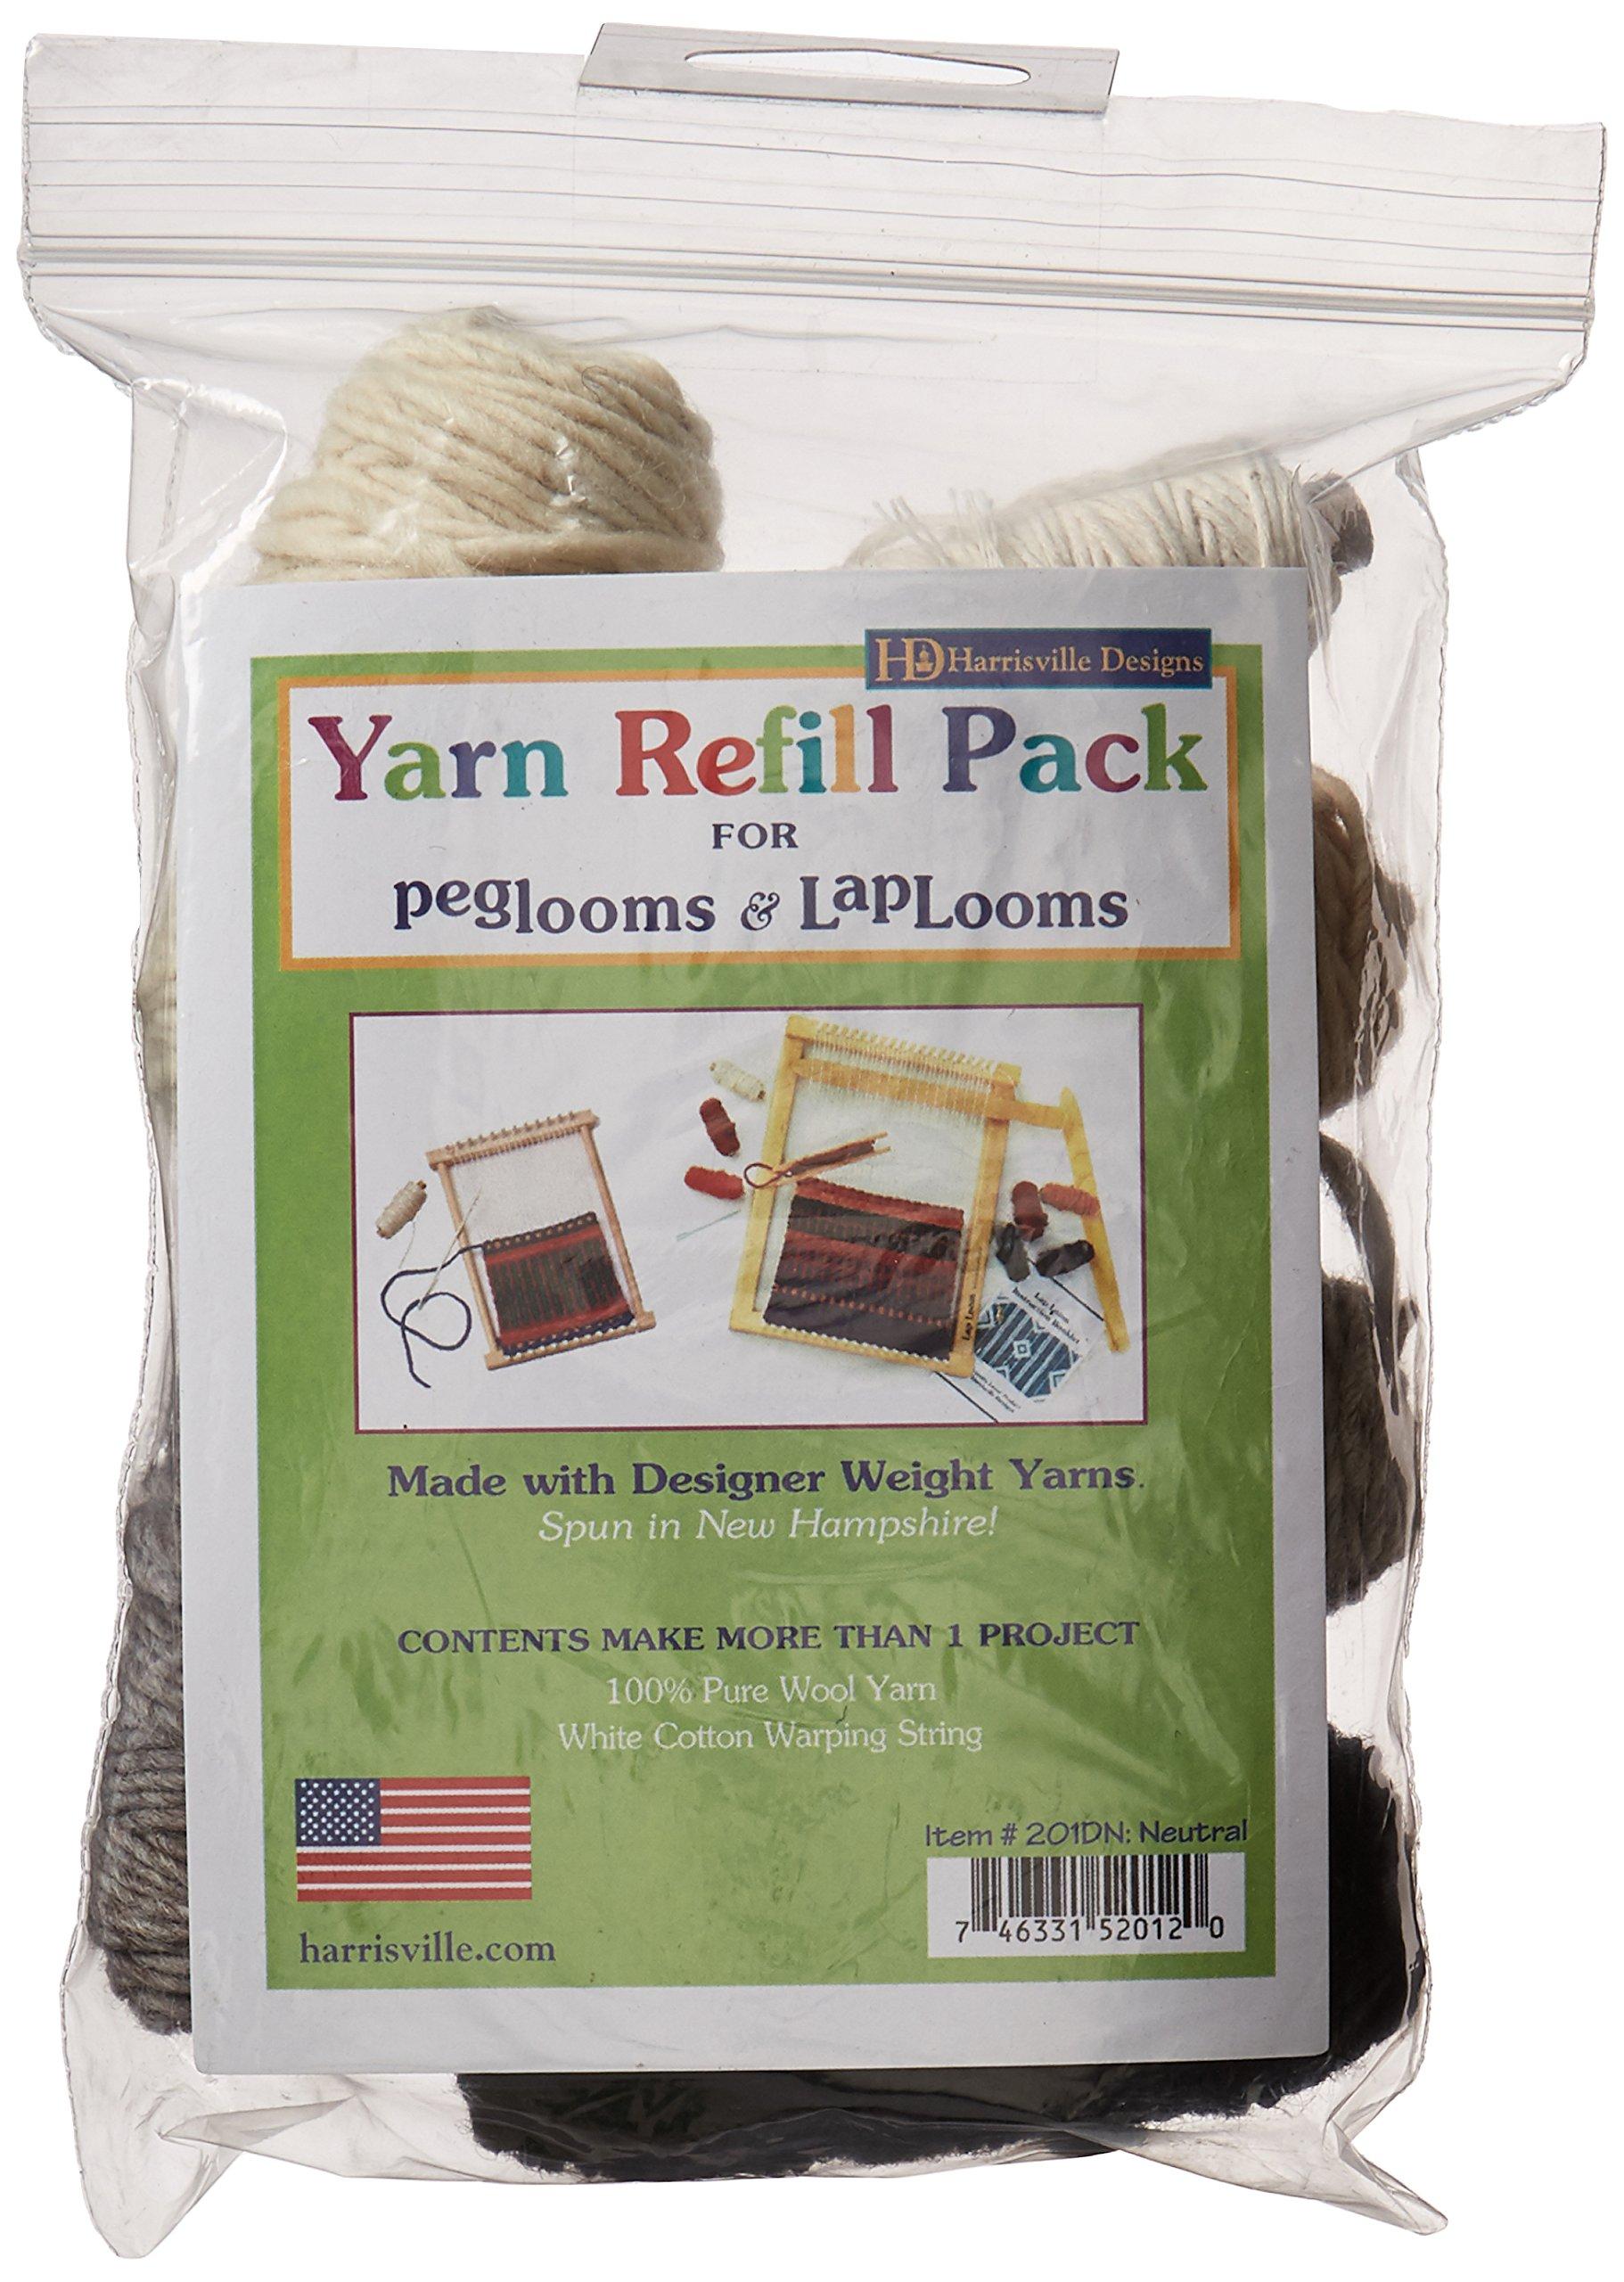 Harrisville Designs pegLoom & LapLoom Yarn Refill Pack - Neutral